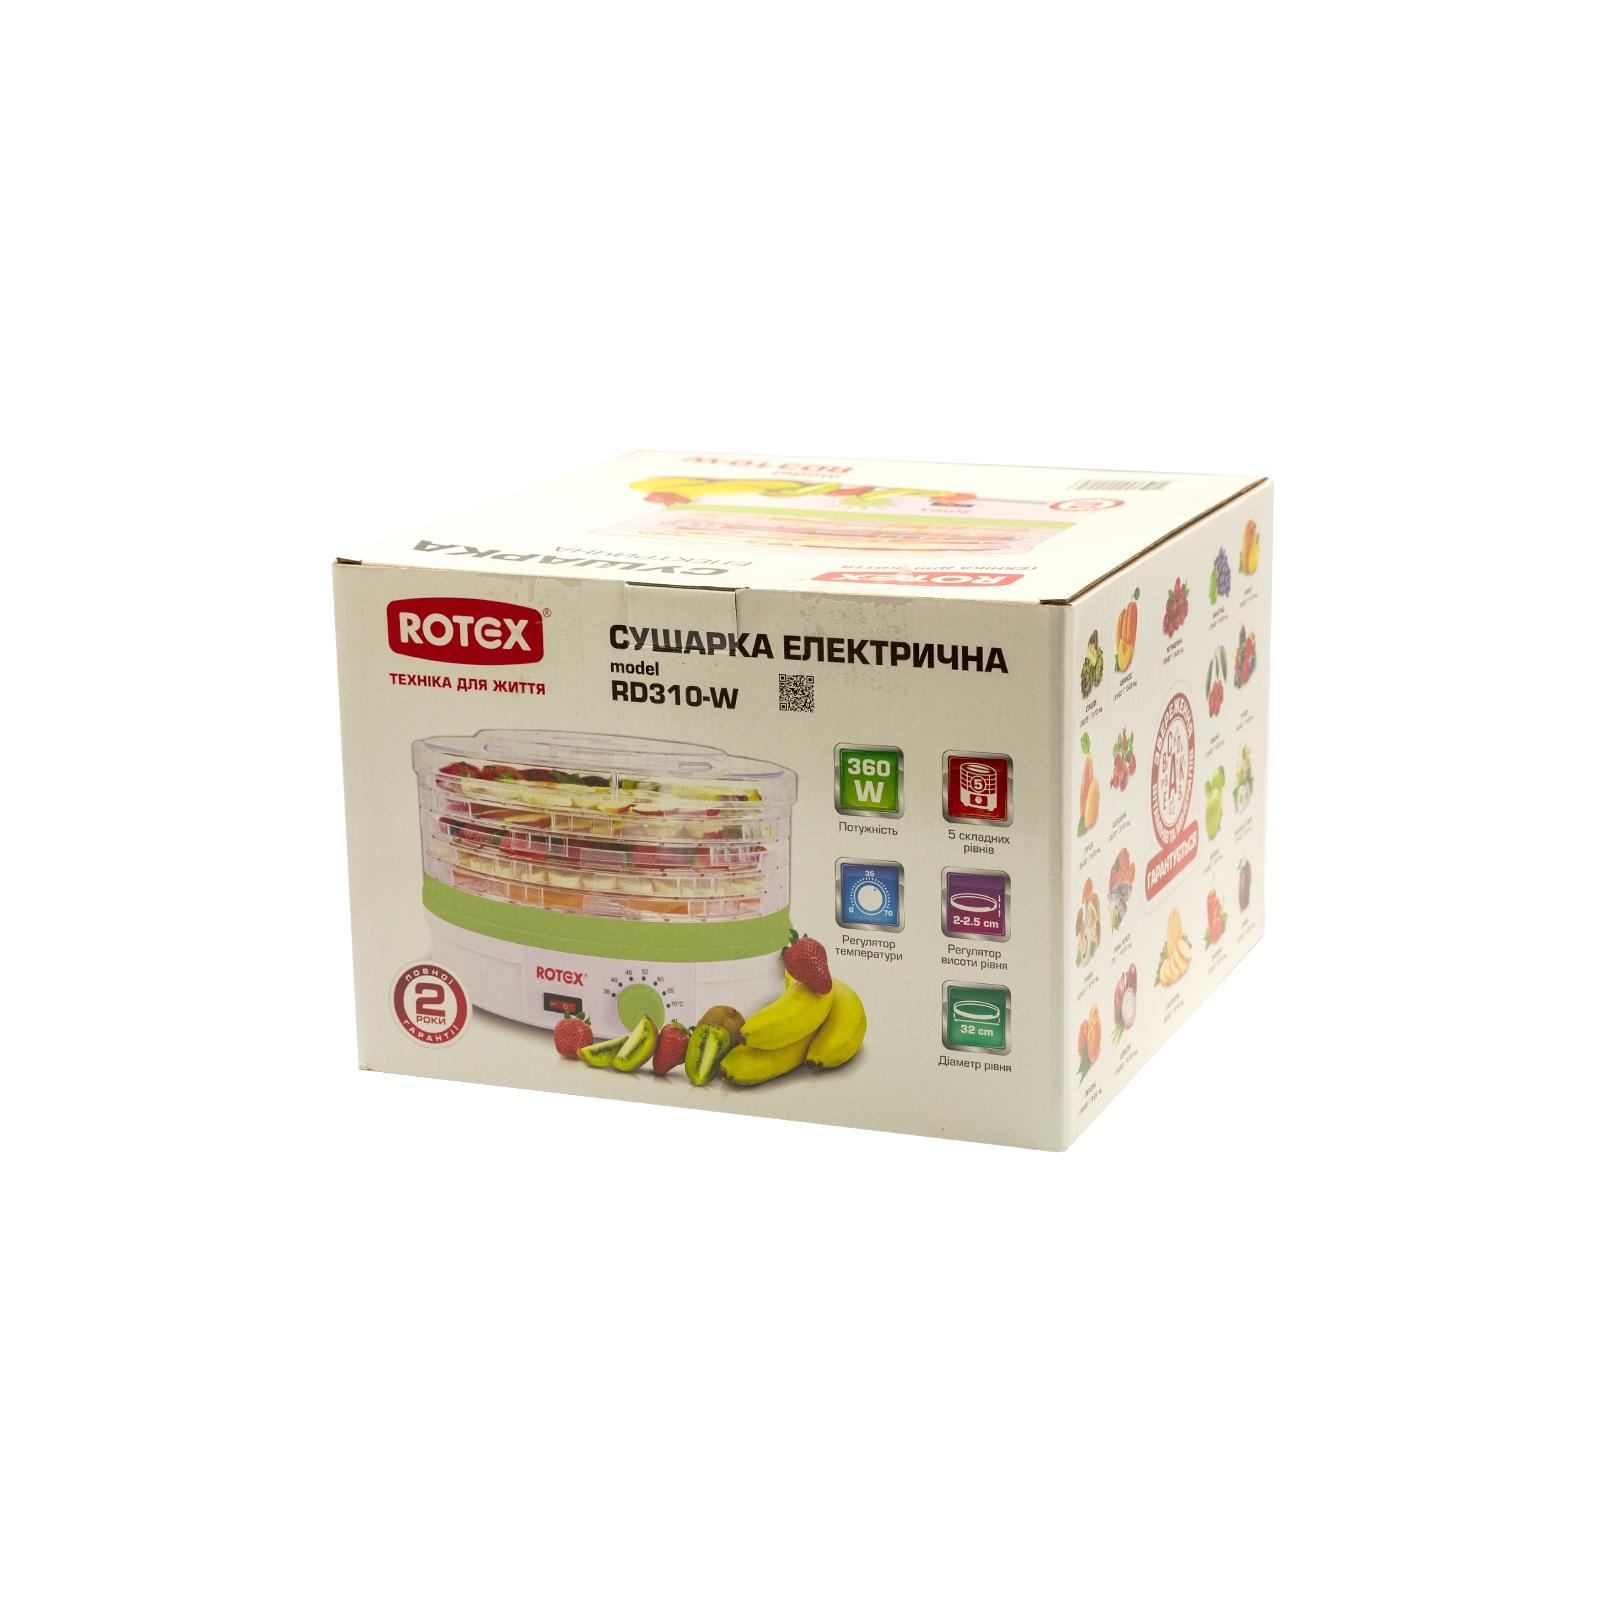 Сушка для овощей и фруктов Rotex RD310-W изображение 3